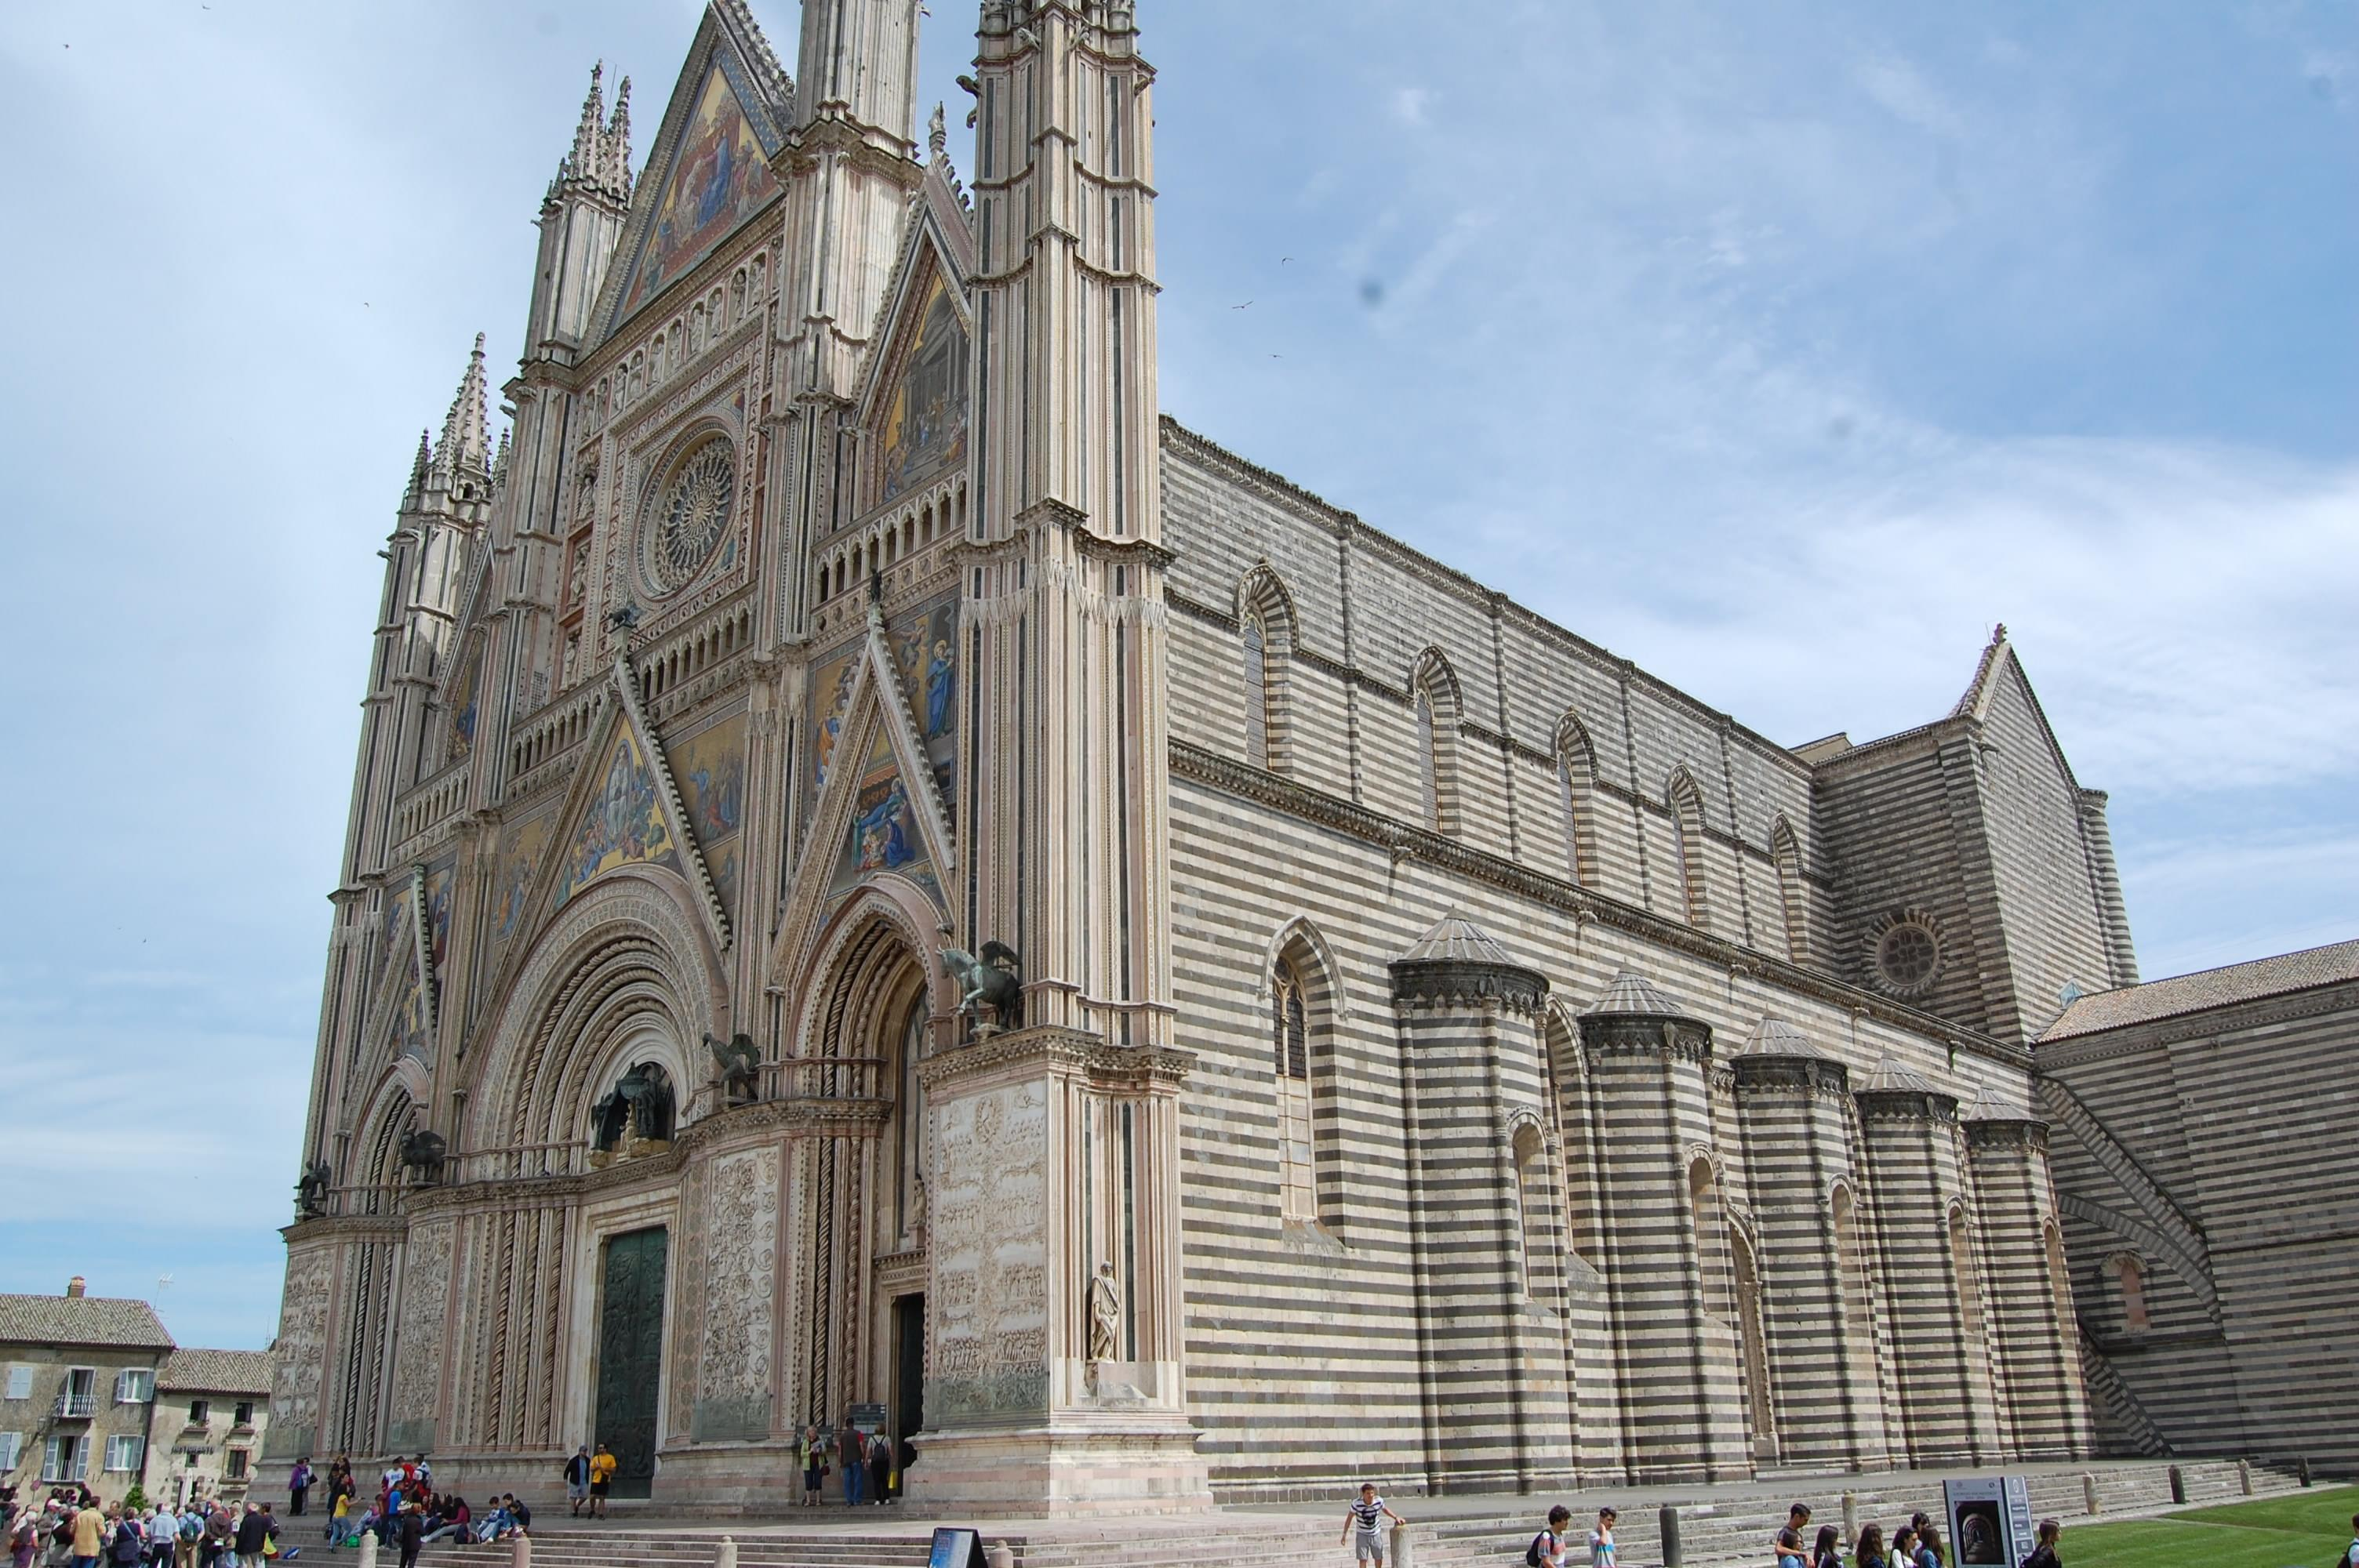 Duomo van orvieto huis itali - Verblijf kathedraal ...